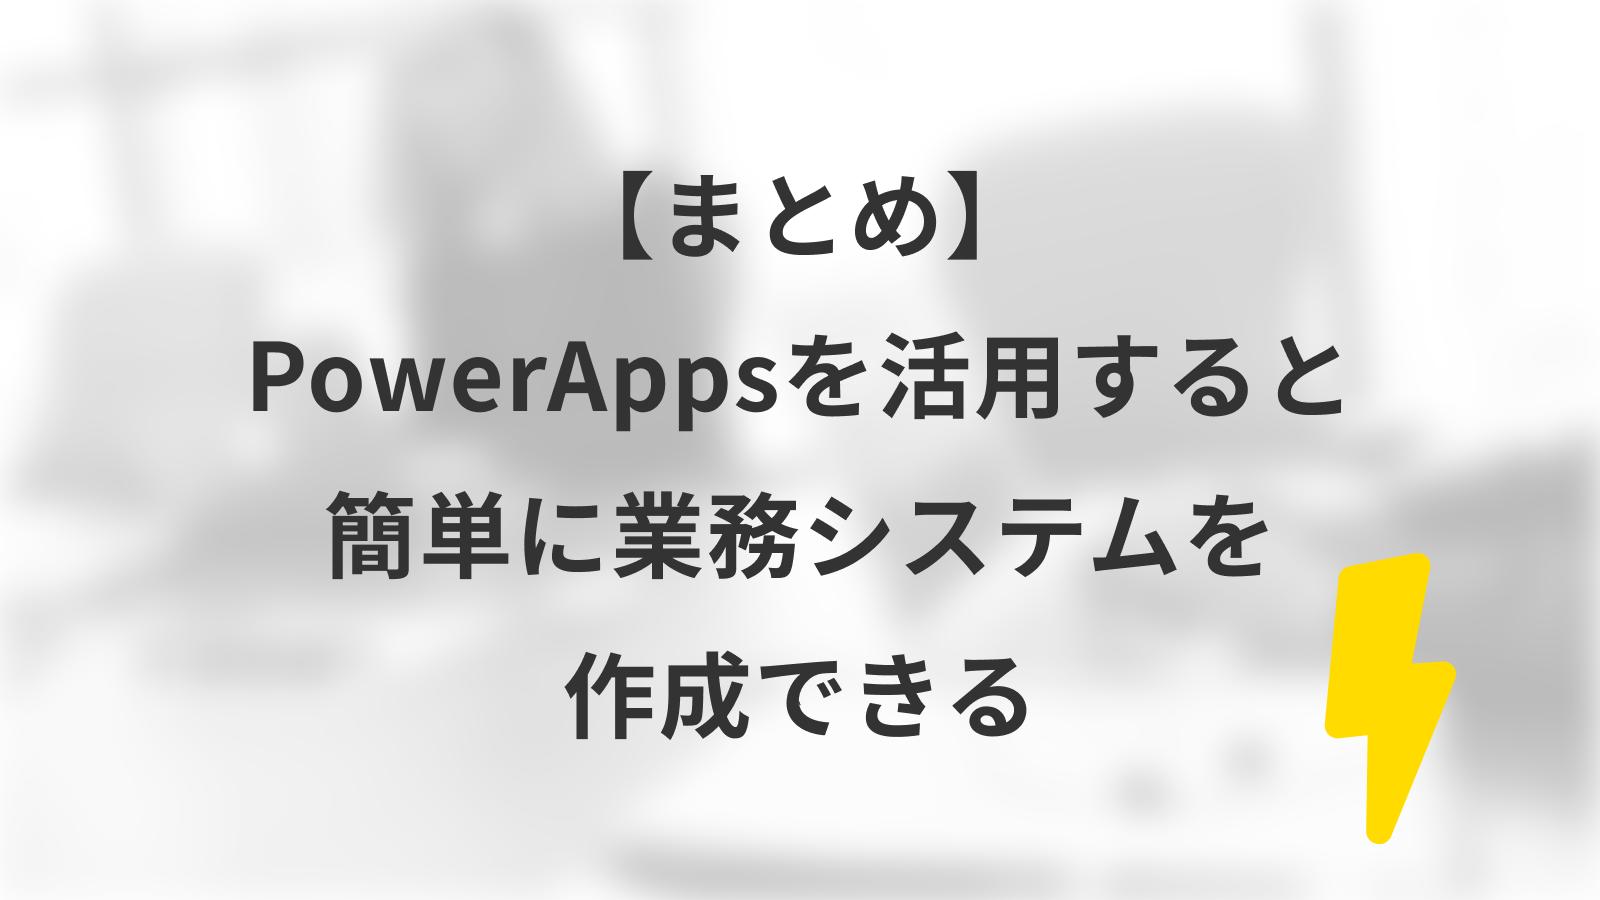 【まとめ】PowerAppsを活用すると簡単に業務システムを作成できる